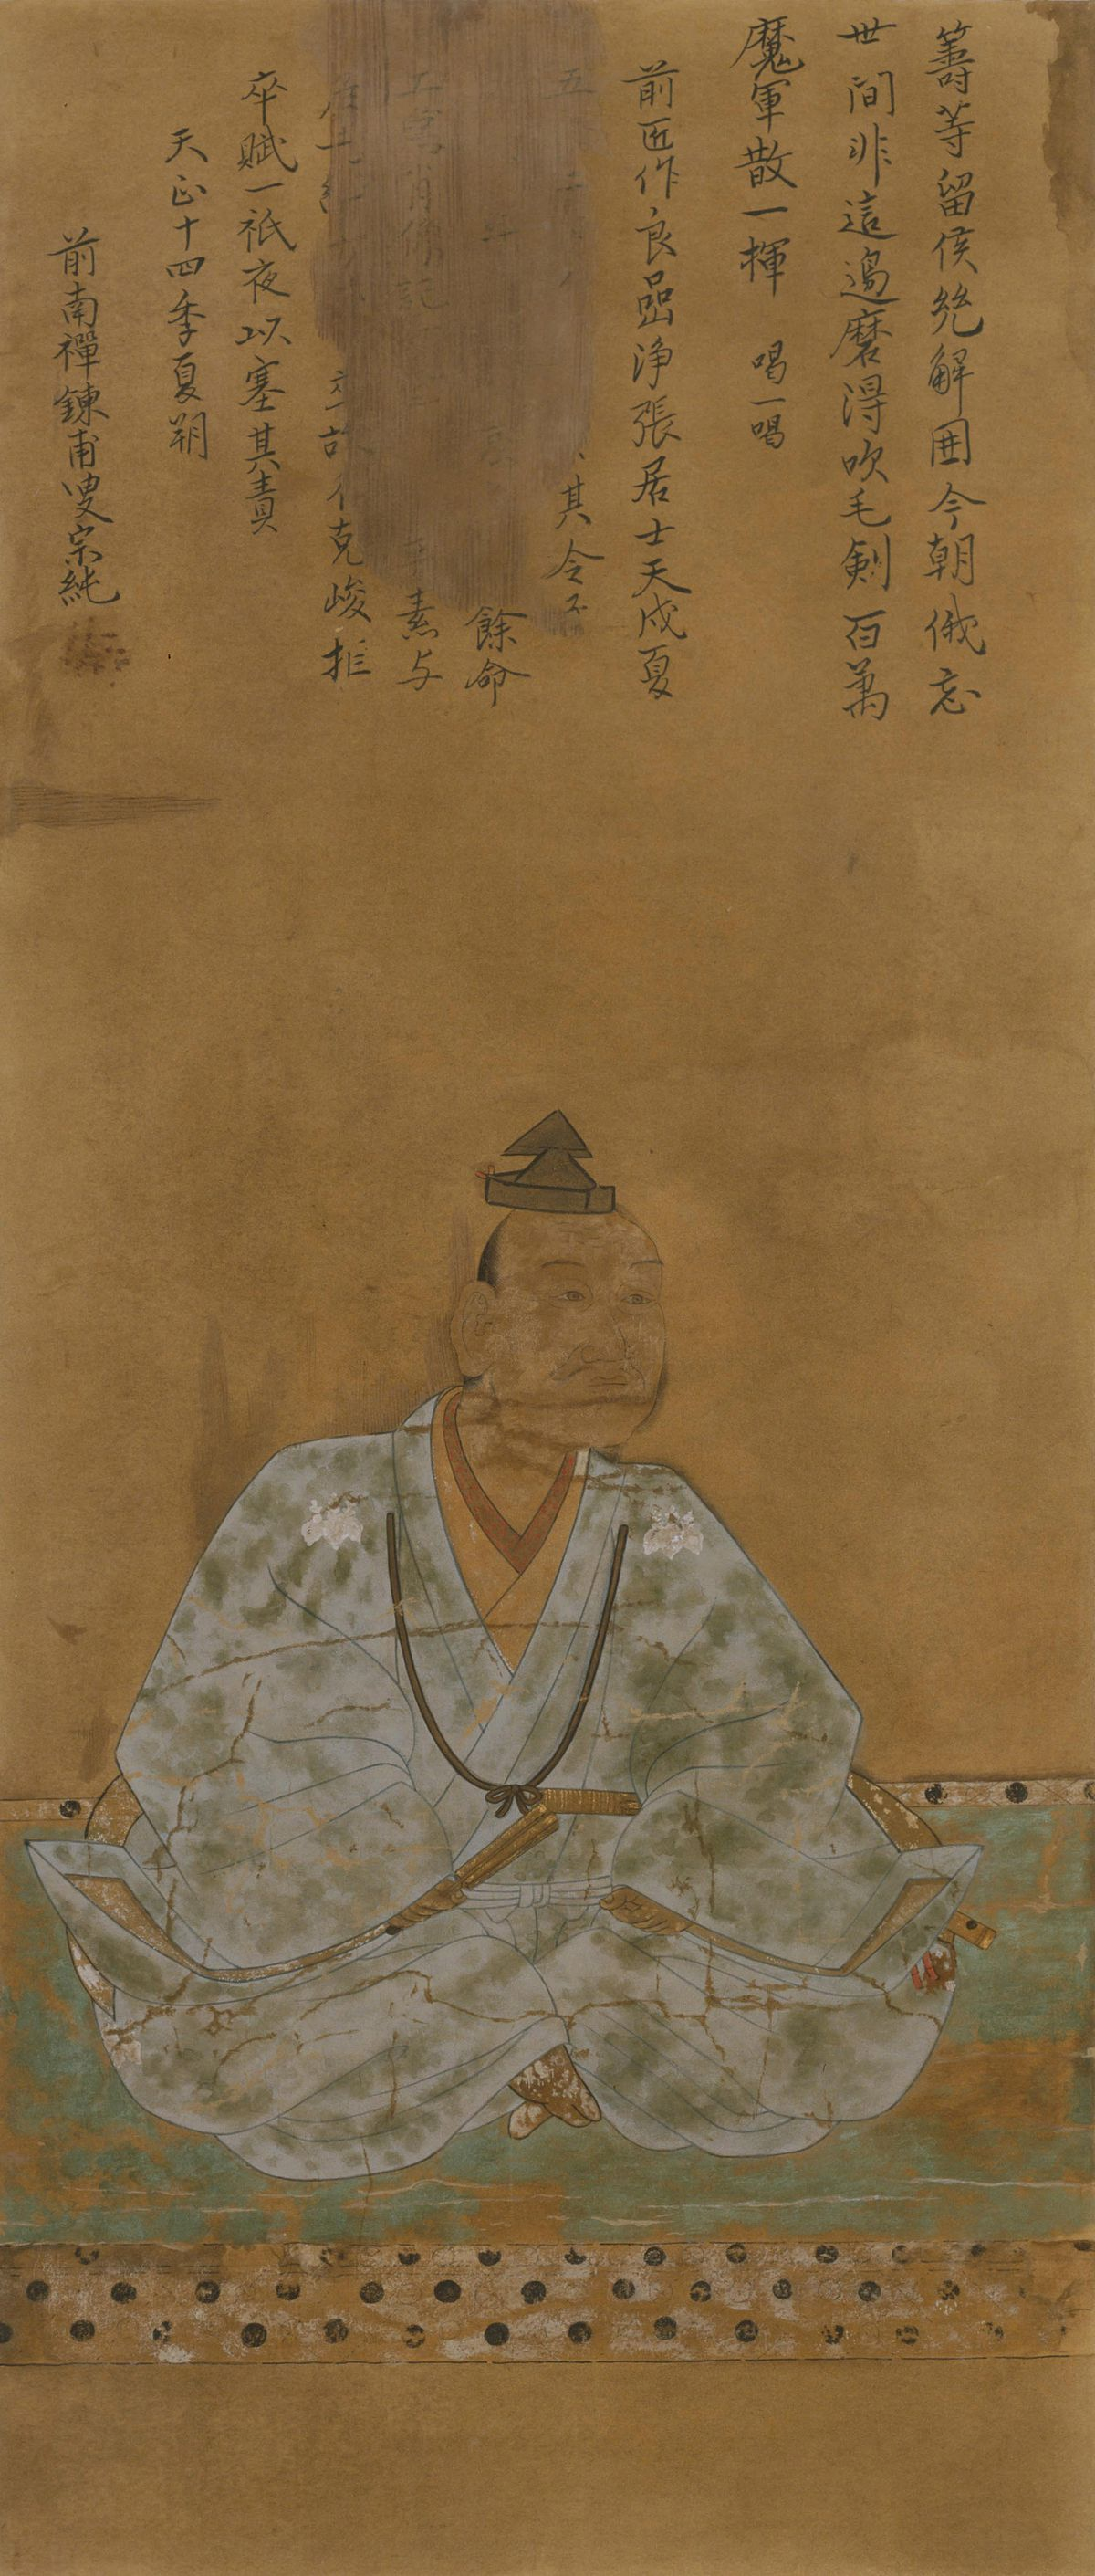 Hachisuka Masakatsu (Full).jpg